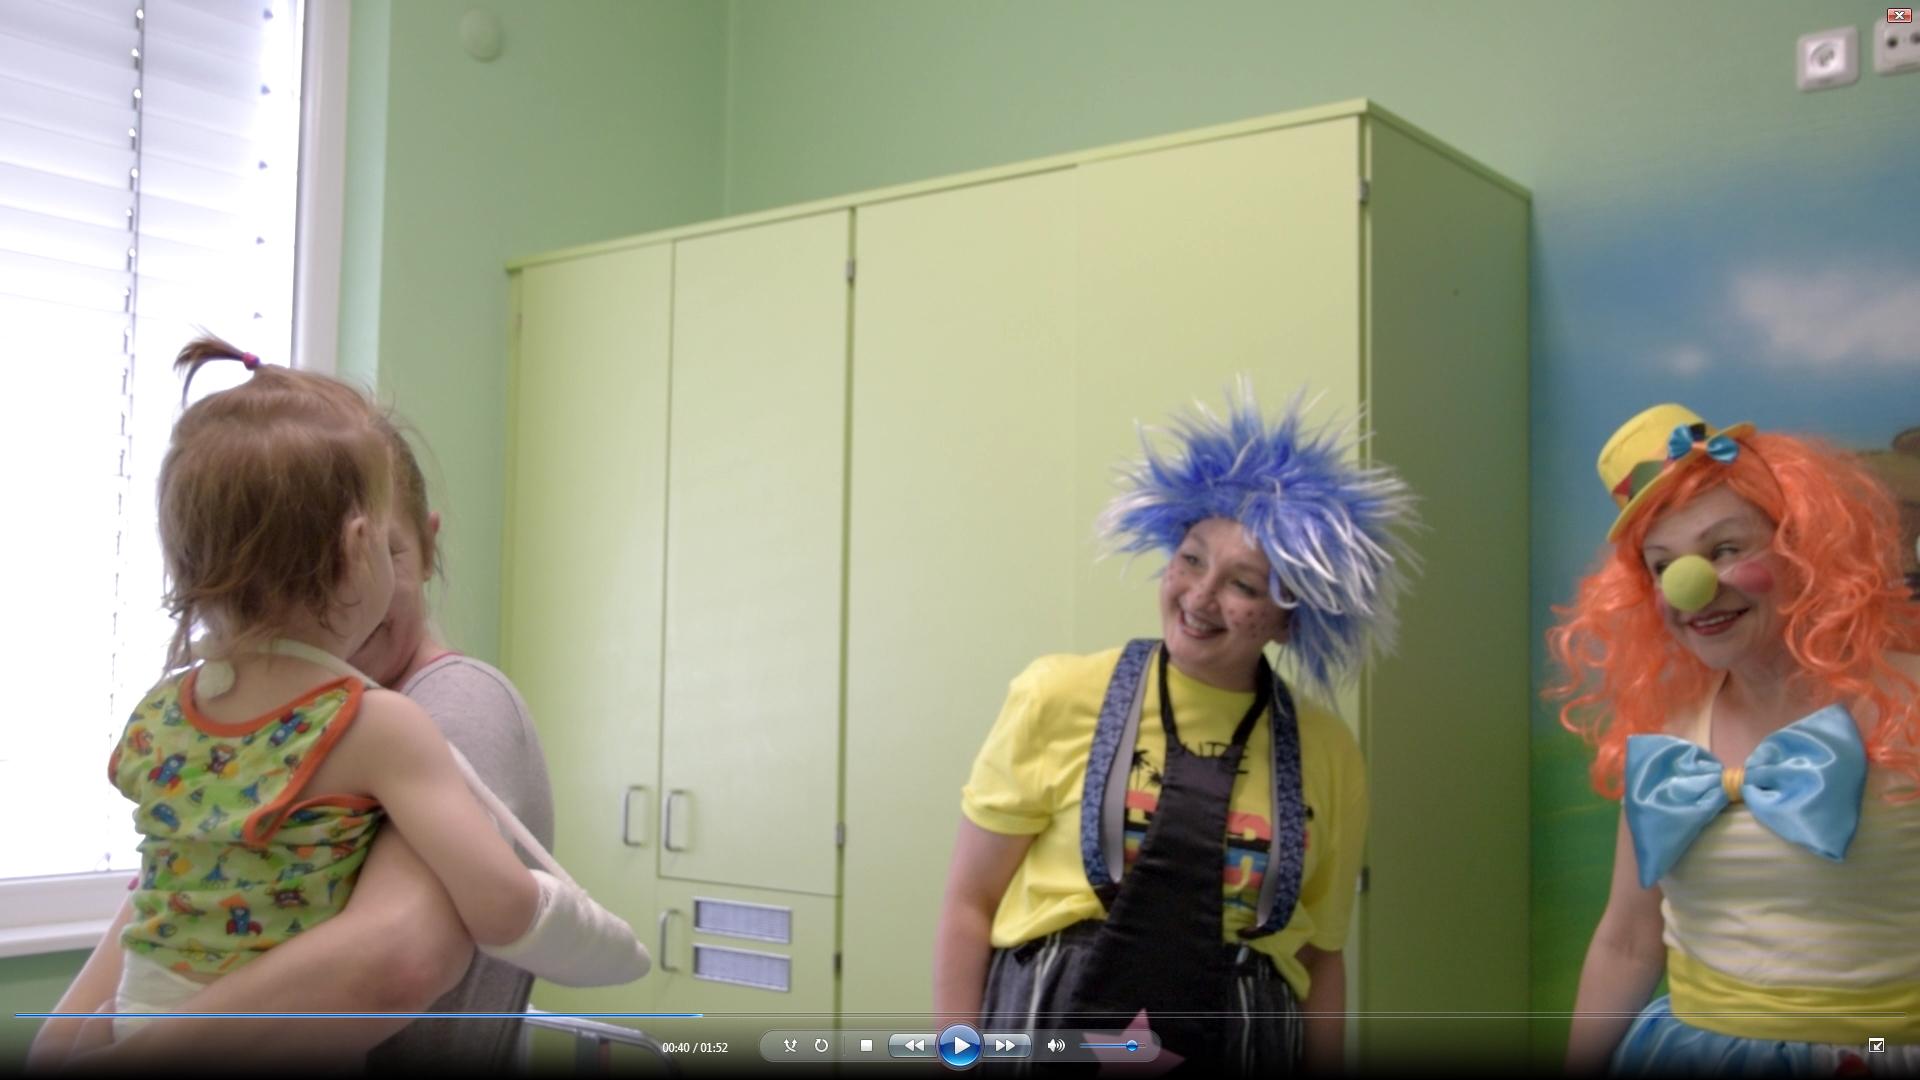 1 июня сотрудники ФГБУ «ФЦТОЭ» Минздрава России (г. Смоленск) подарили настоящий праздник своим маленьким пациентам